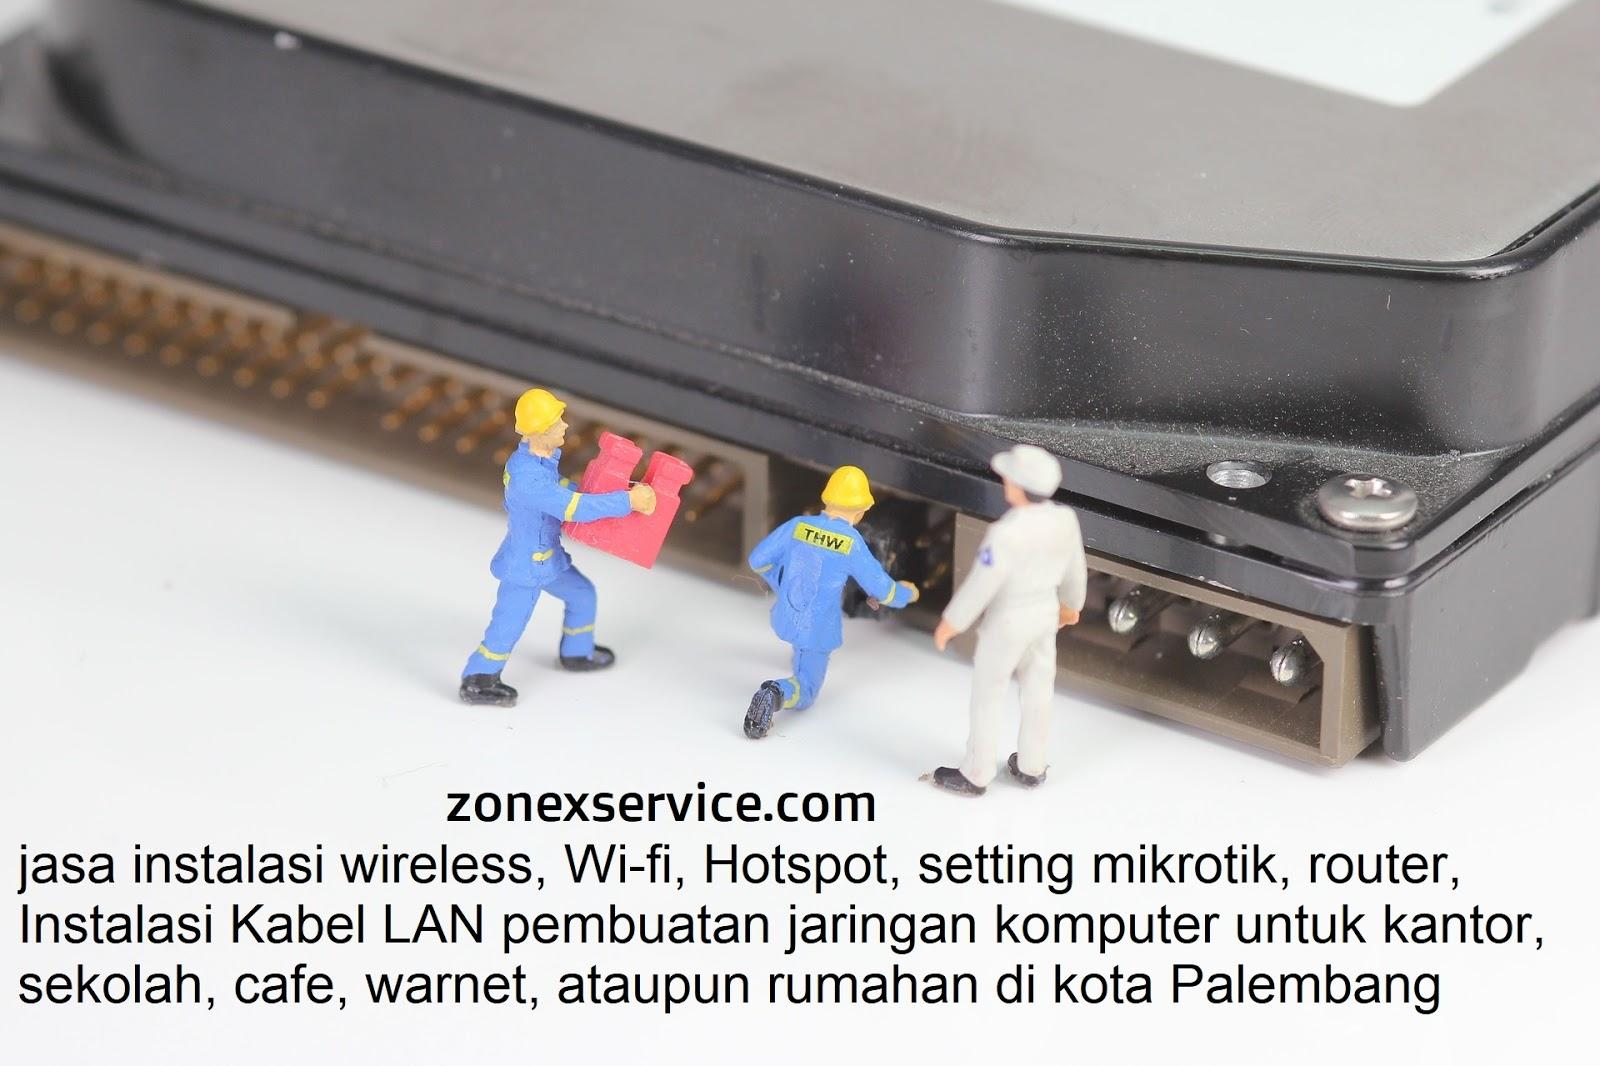 zonexservice jasa instalasi wireless, Wi-fi, Hotspot, setting mikrotik, router, install ulang windows di perusahaan, kantor, sekolah ataupun rumahan di palembang